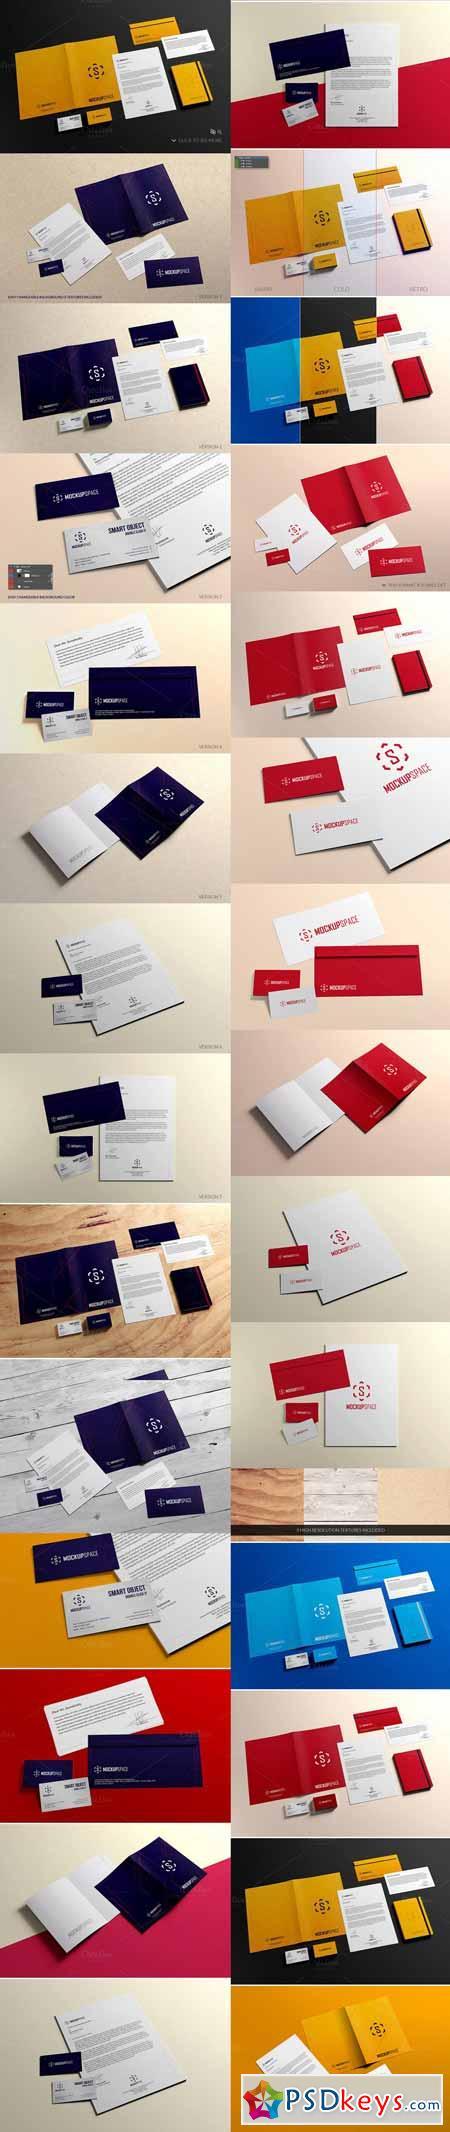 Elegant Stationery Brand Mockups 398078